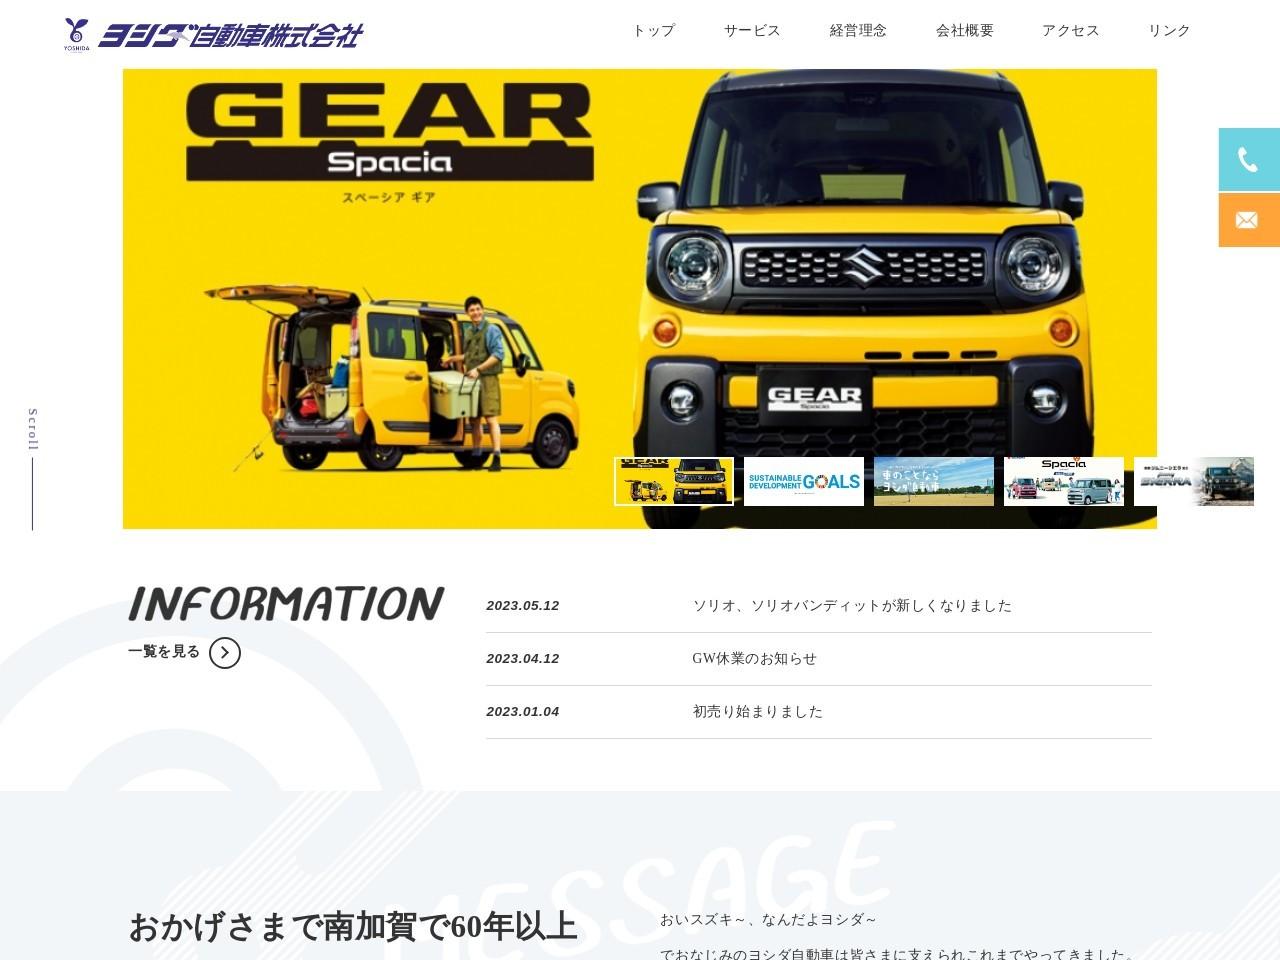 ヨシダ自動車株式会社